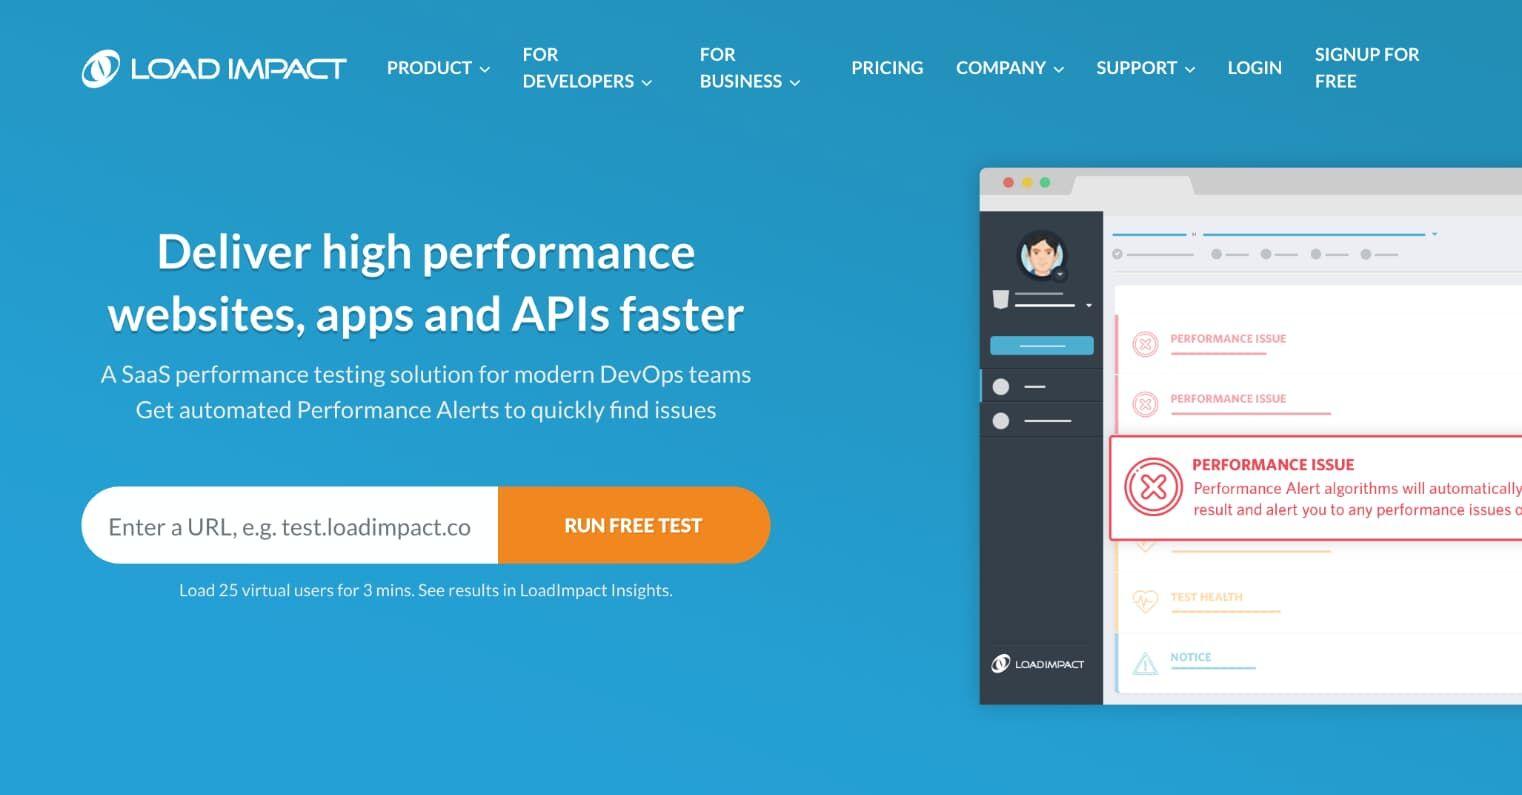 load-impact-websites-speed-test-tool-1